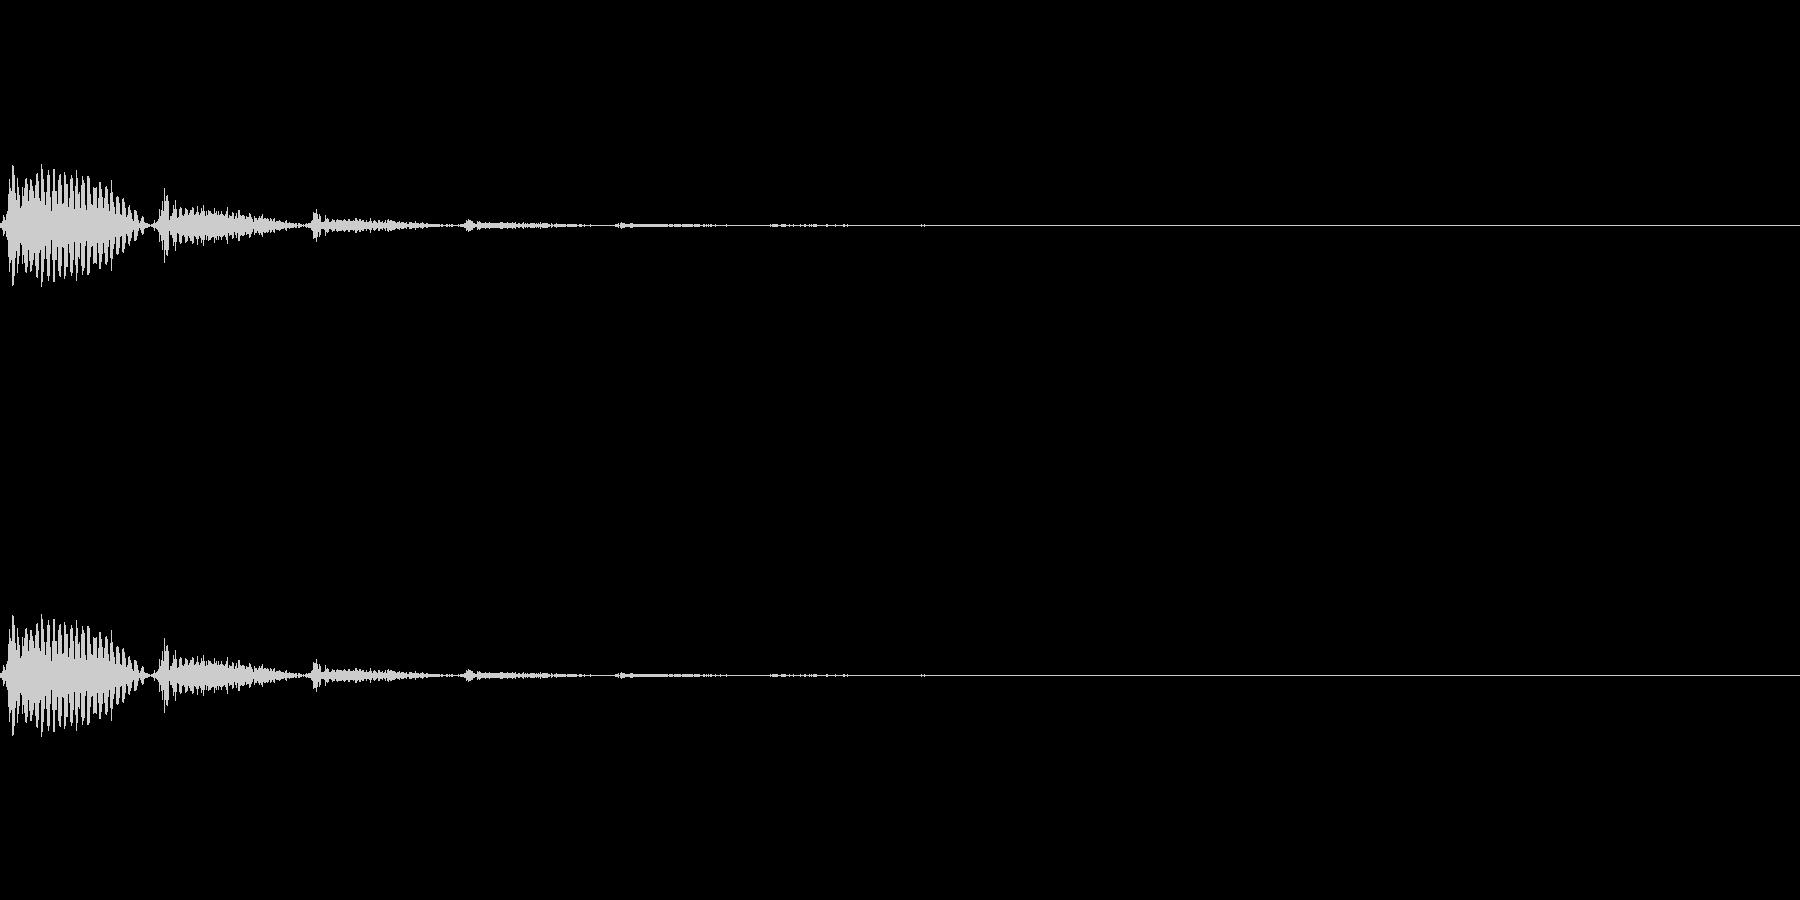 シンプルにディレイのかかったホラー系SEの未再生の波形